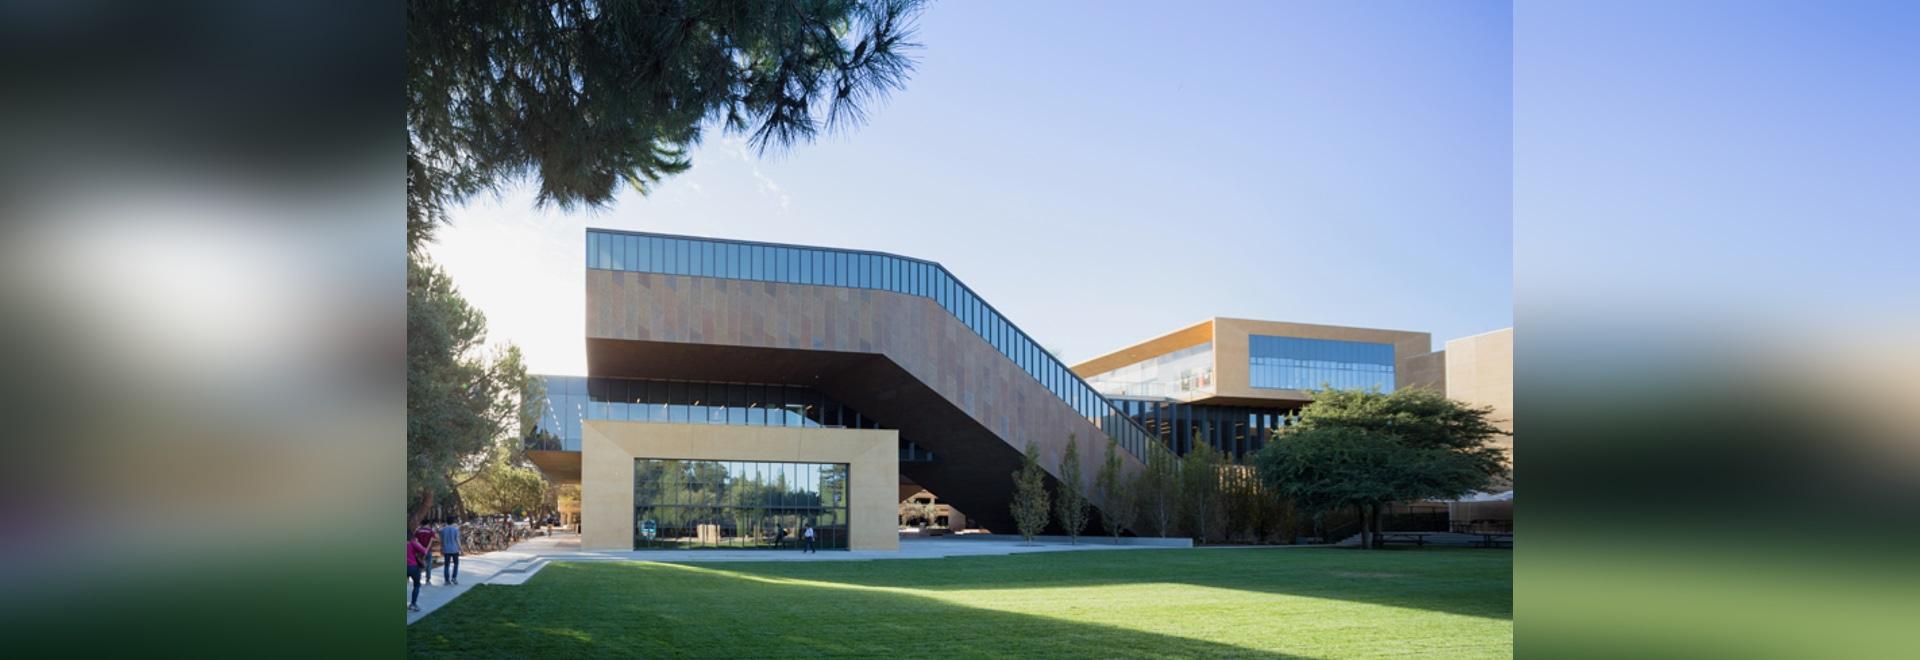 el scofidio + el renfro del diller unifica a las instituciones del arte de la Universidad de Stanford